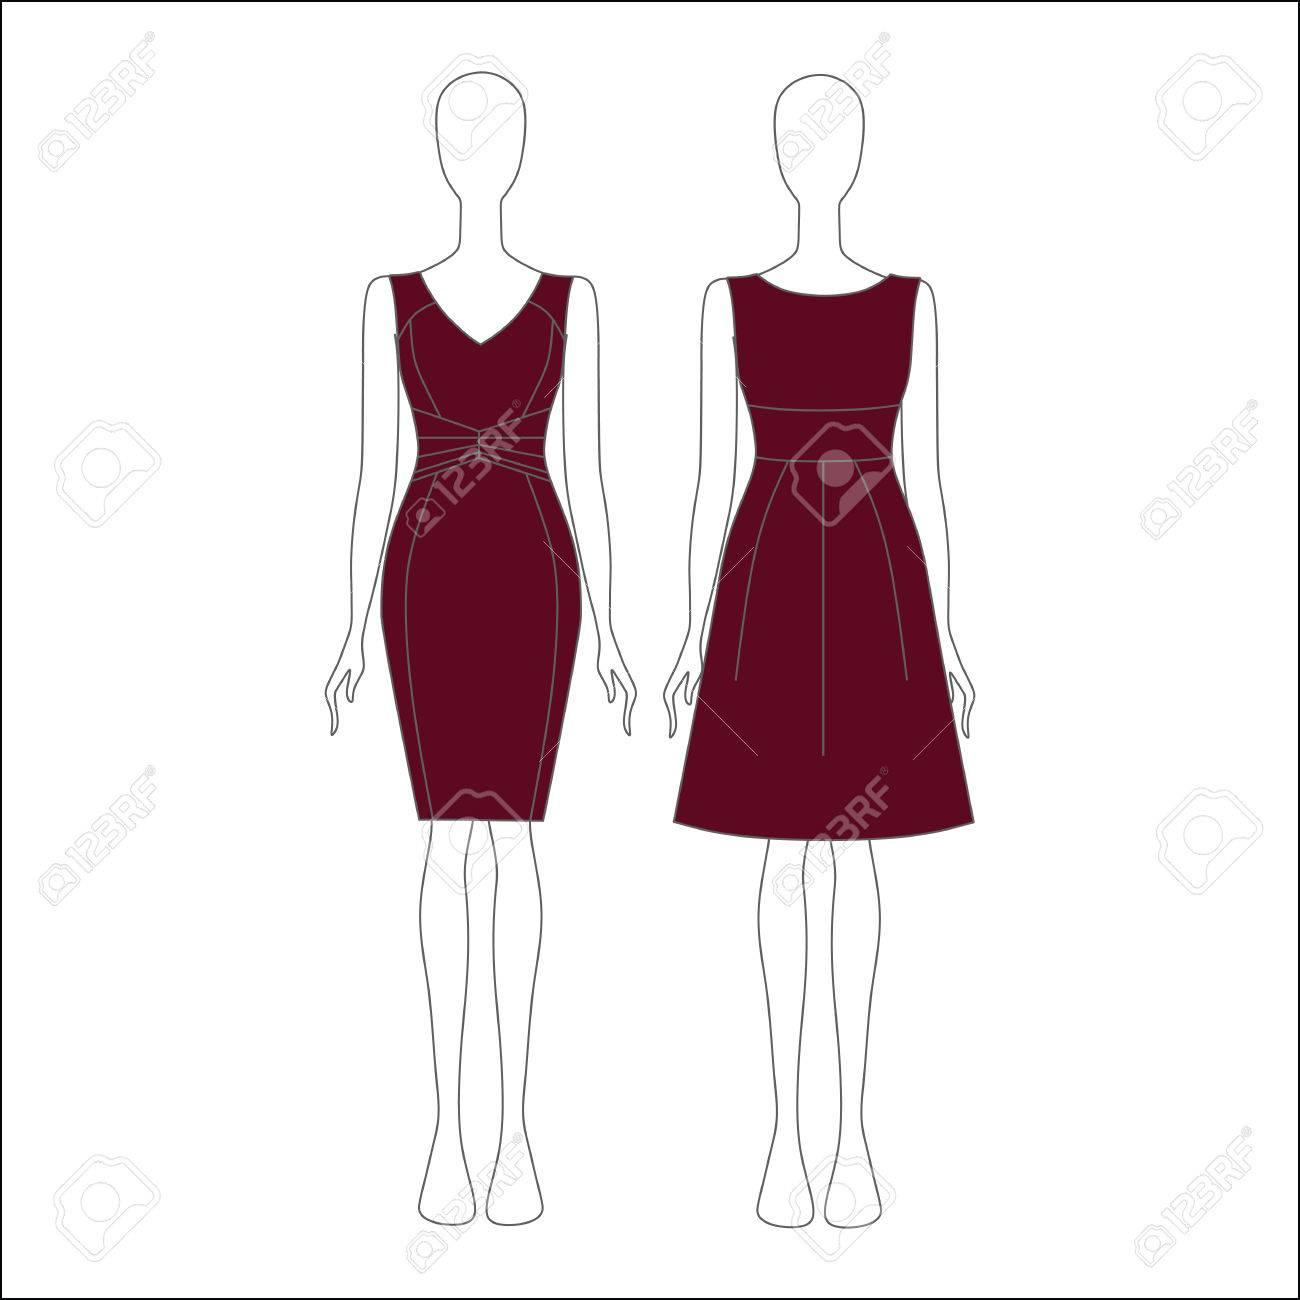 Las Mujeres De Vestir Para Un Día De Fiesta El Vestido De Noche De La Mujer